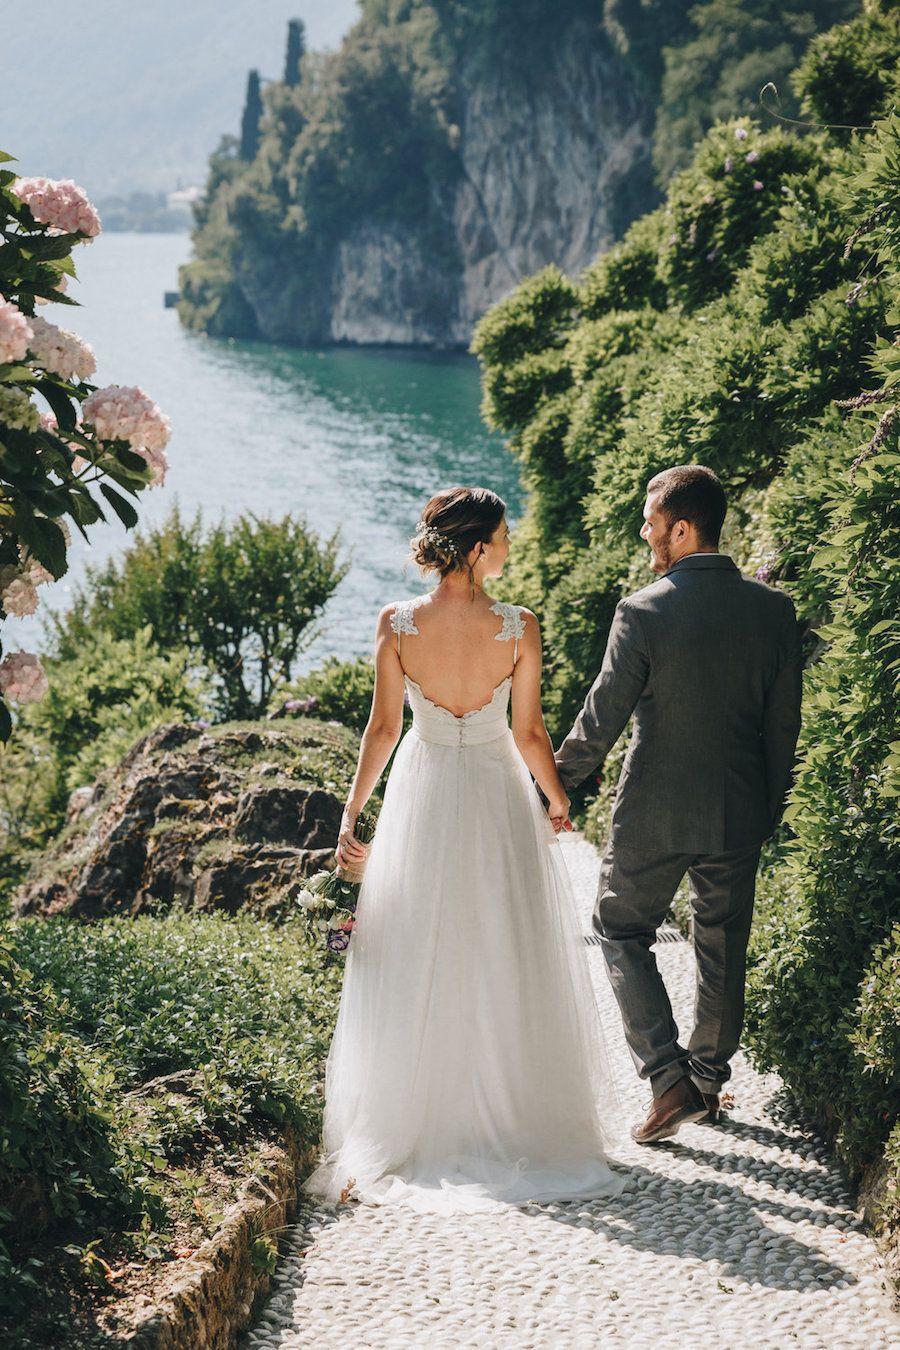 matrimonio_sul_lago_weddingwonderland